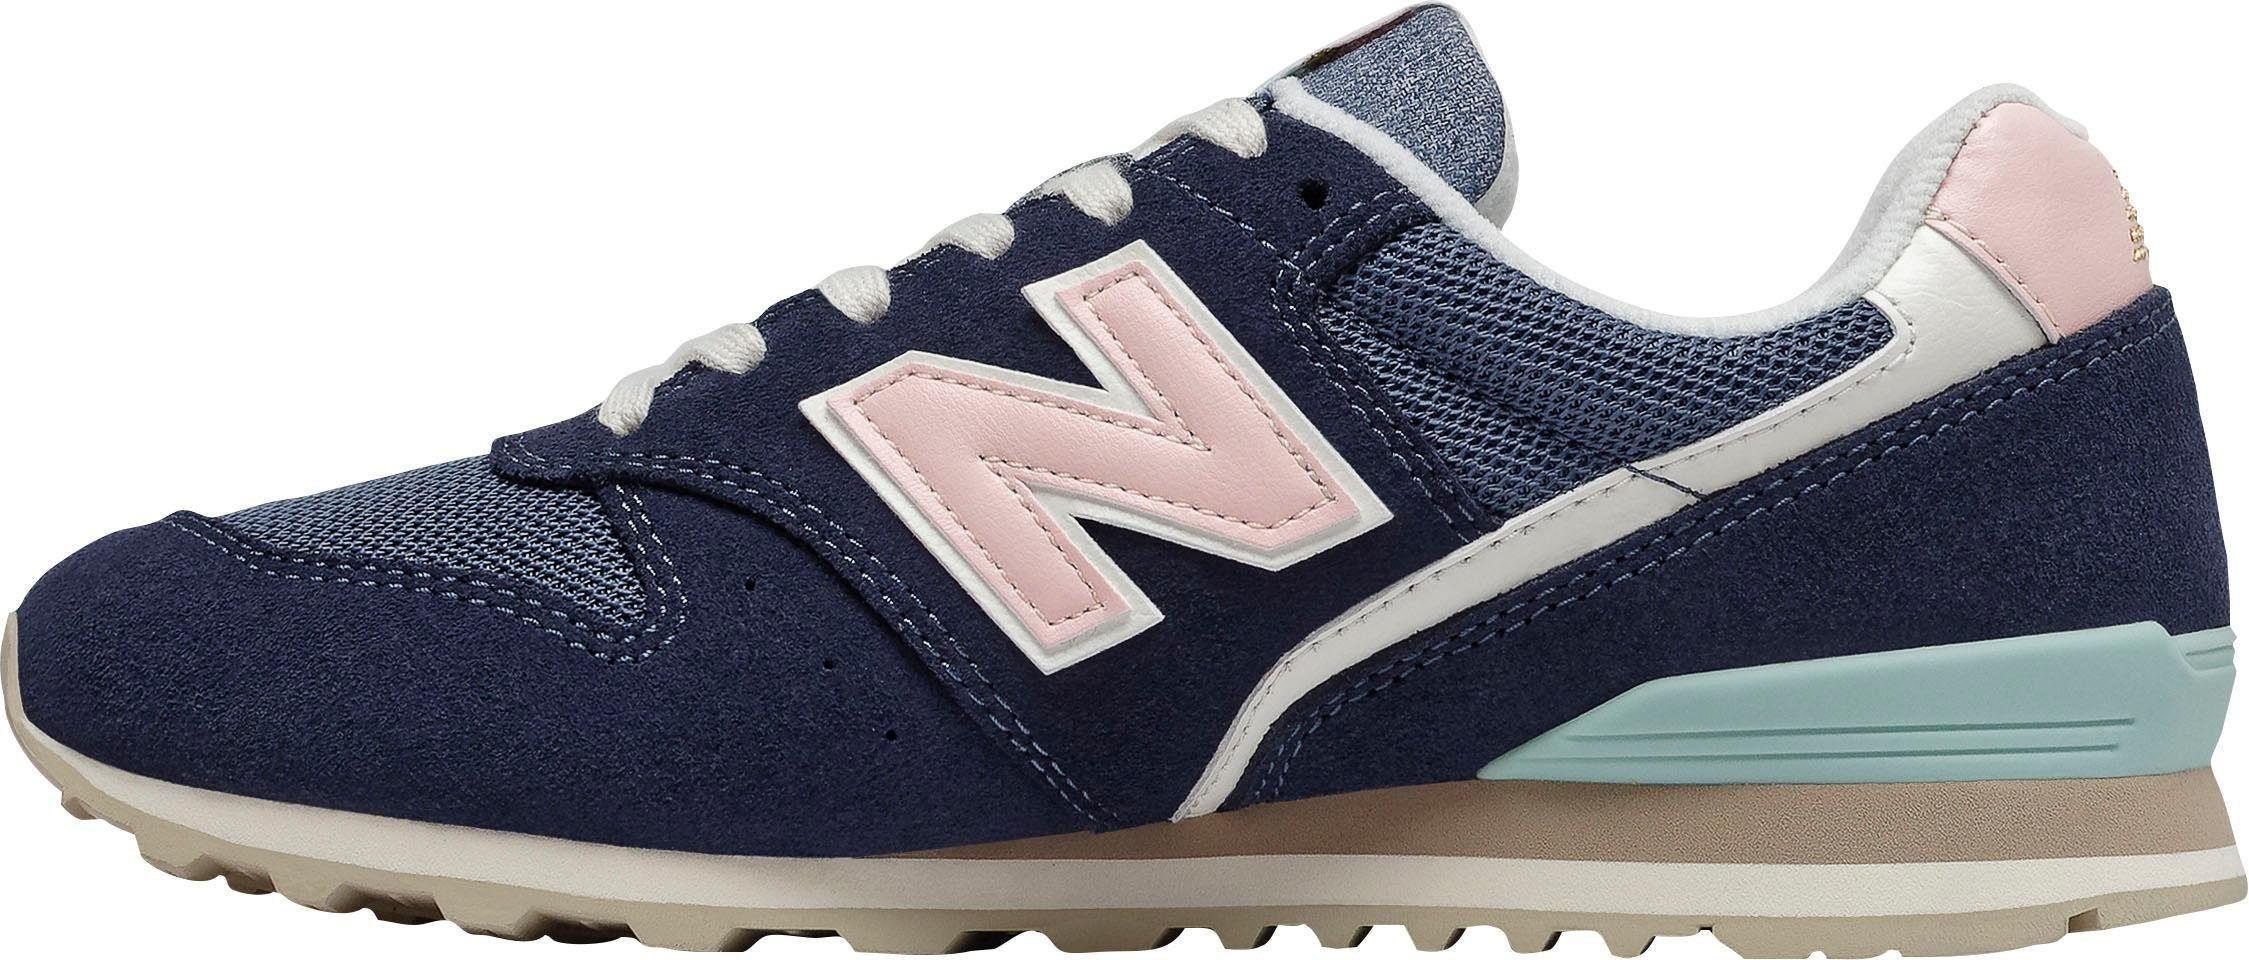 New Balance »WL 996« Sneaker online kaufen | OTTO